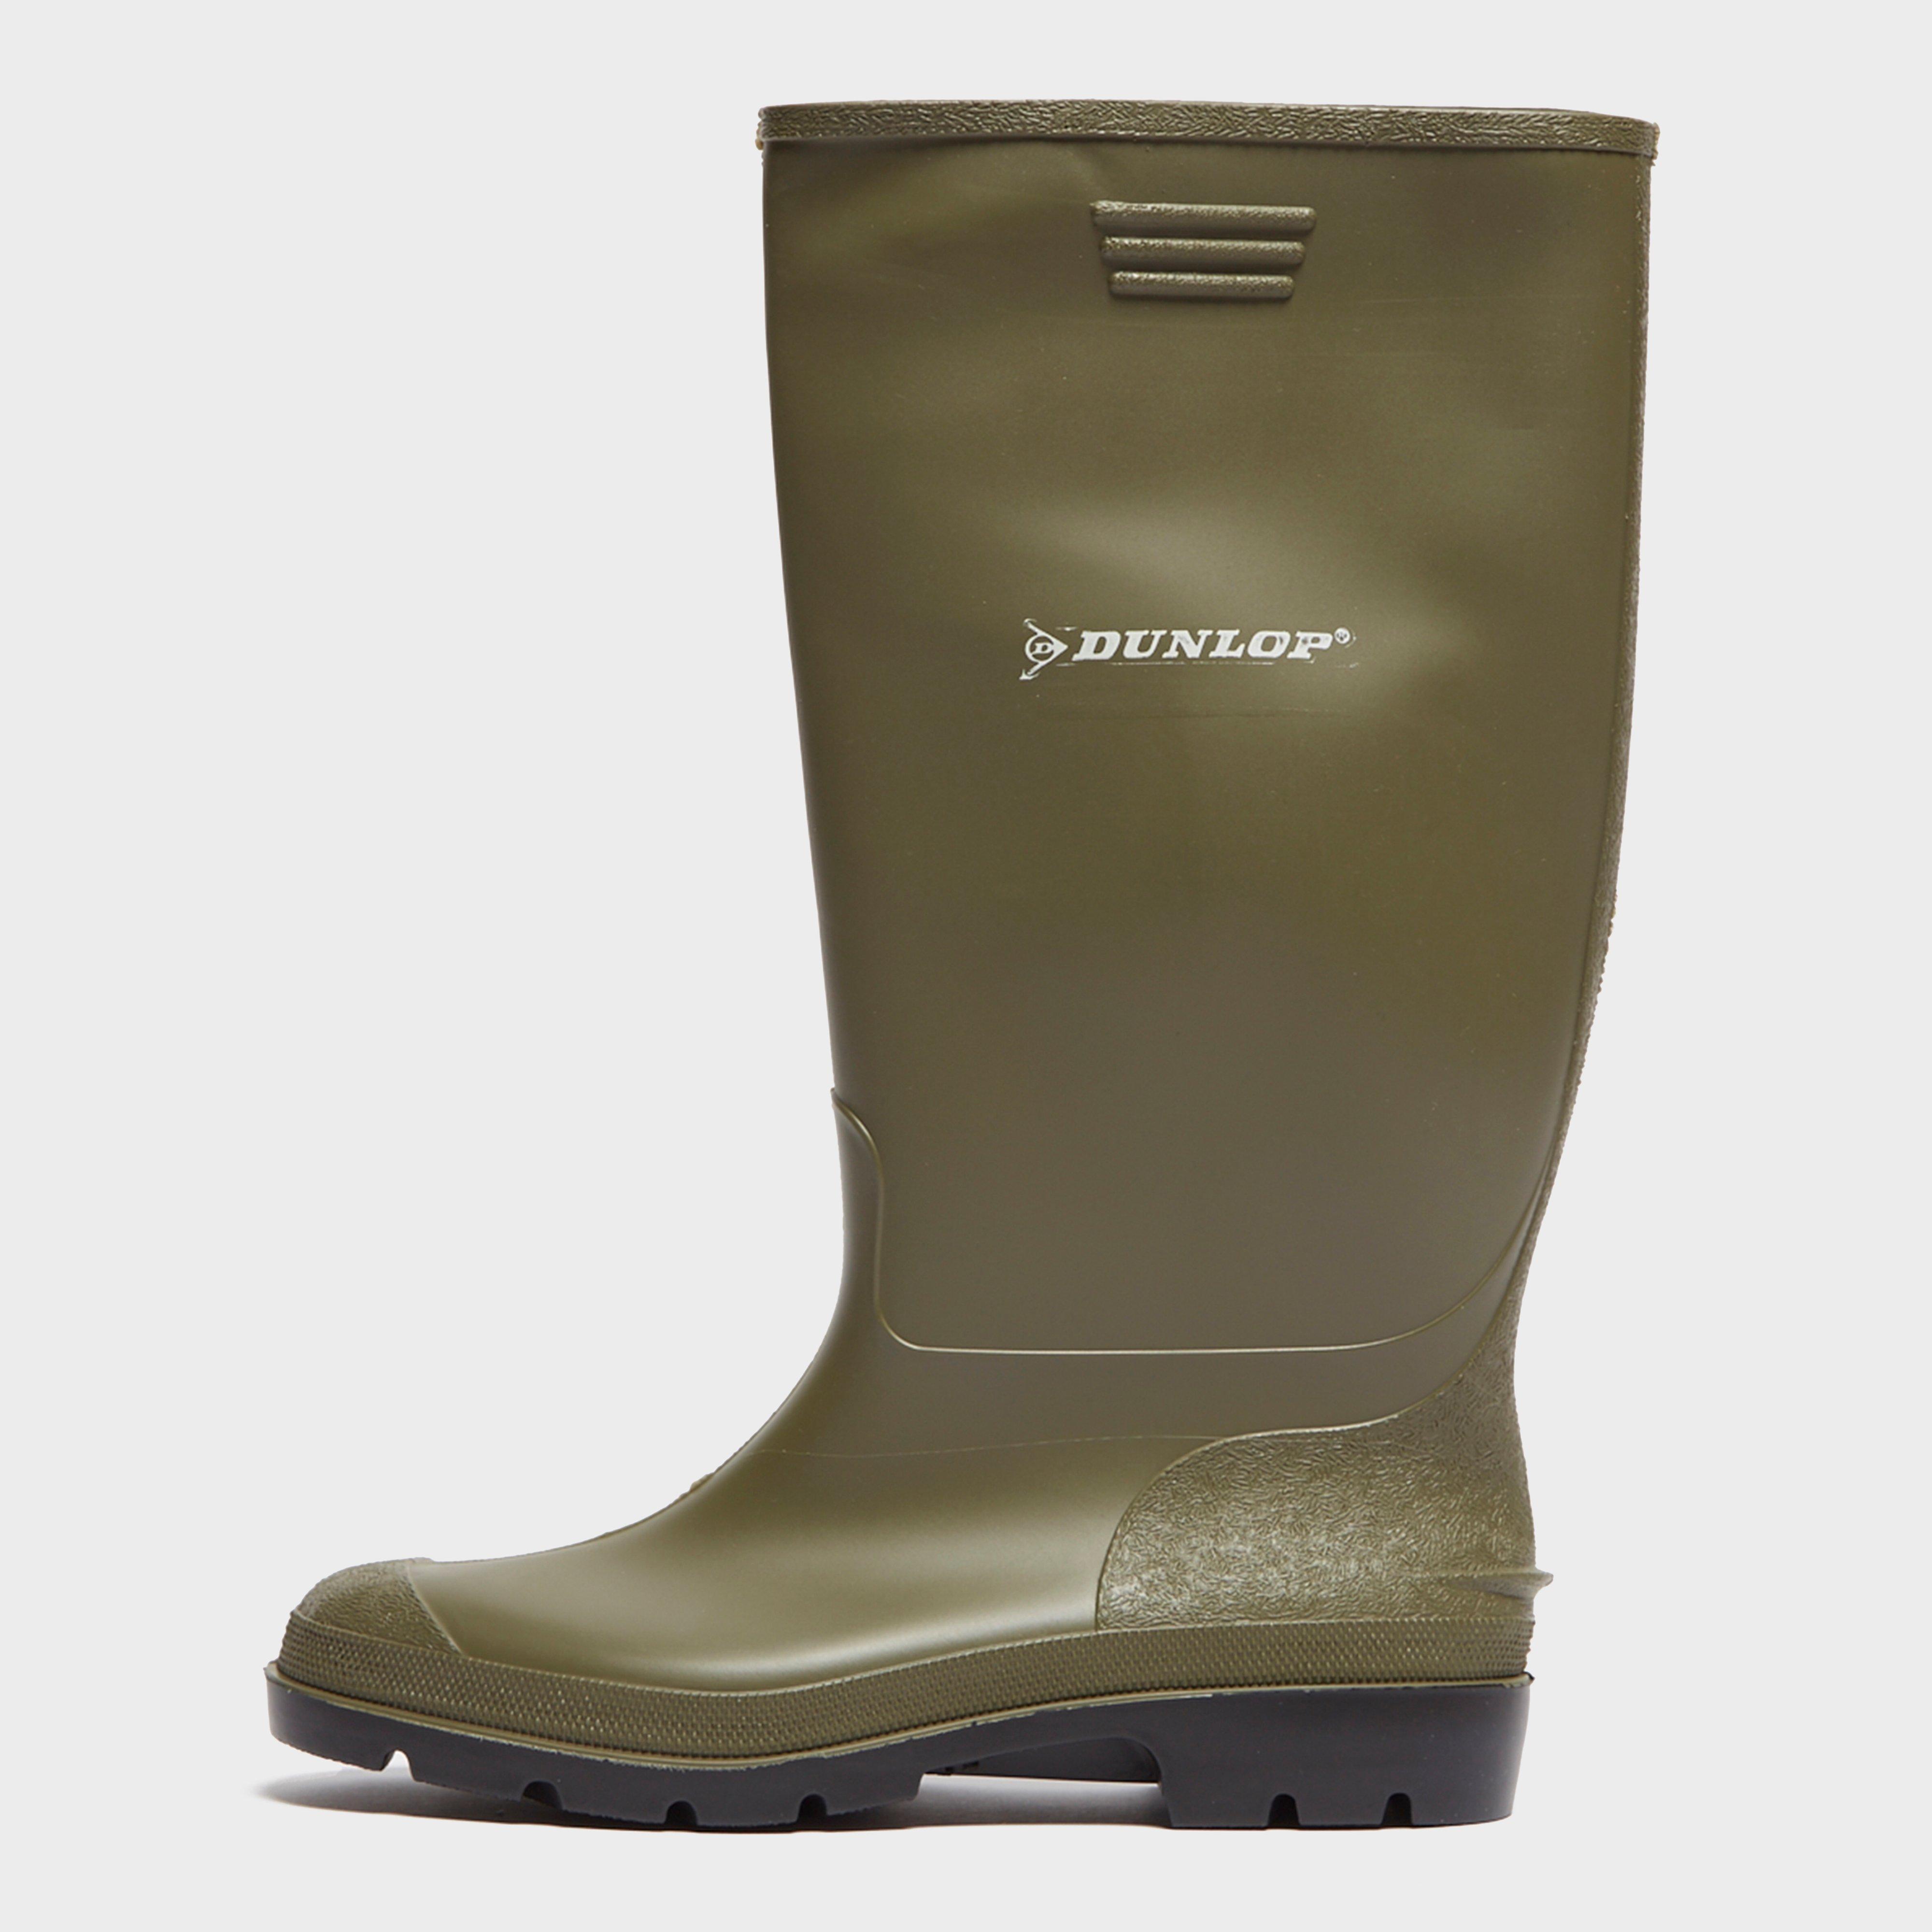 Dunlop Dunlop Pricemastor Wellington Boots